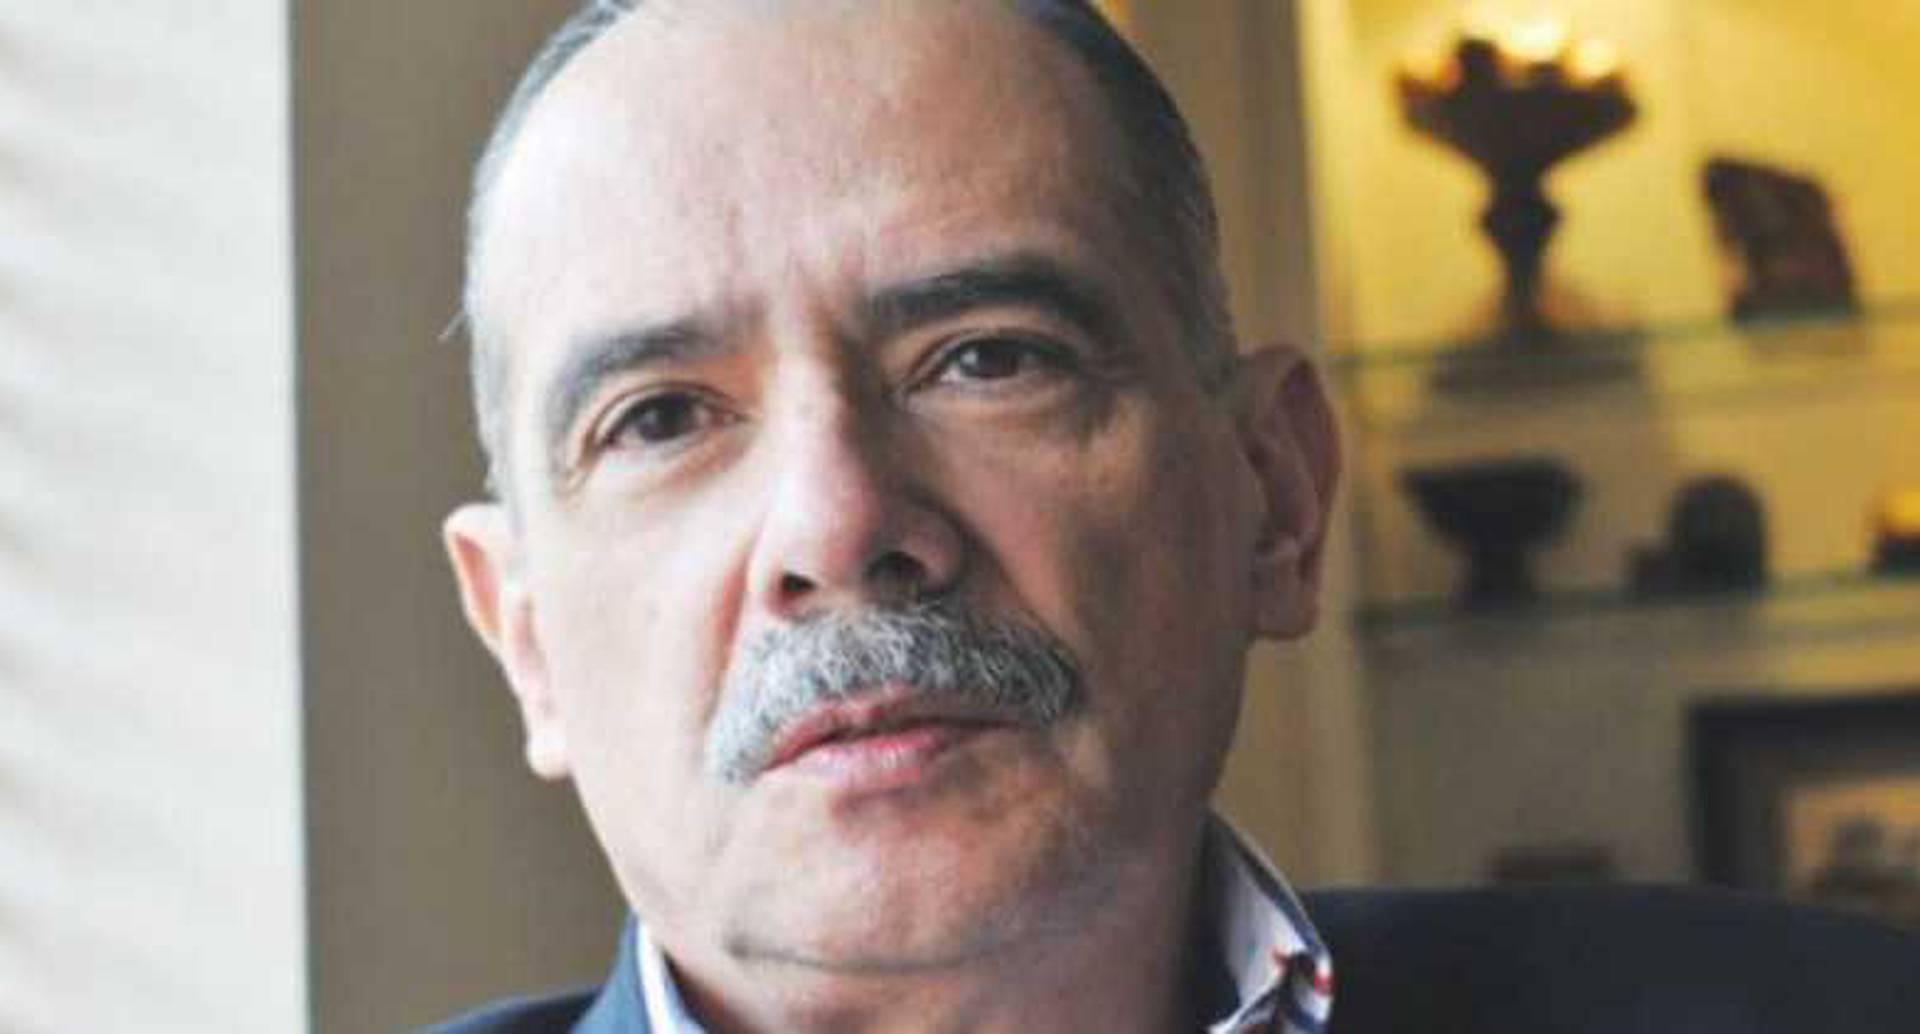 Juez 44 Civil del Circuito de Bogotá ordenó el arresto del periodista Gonzalo Guillén.